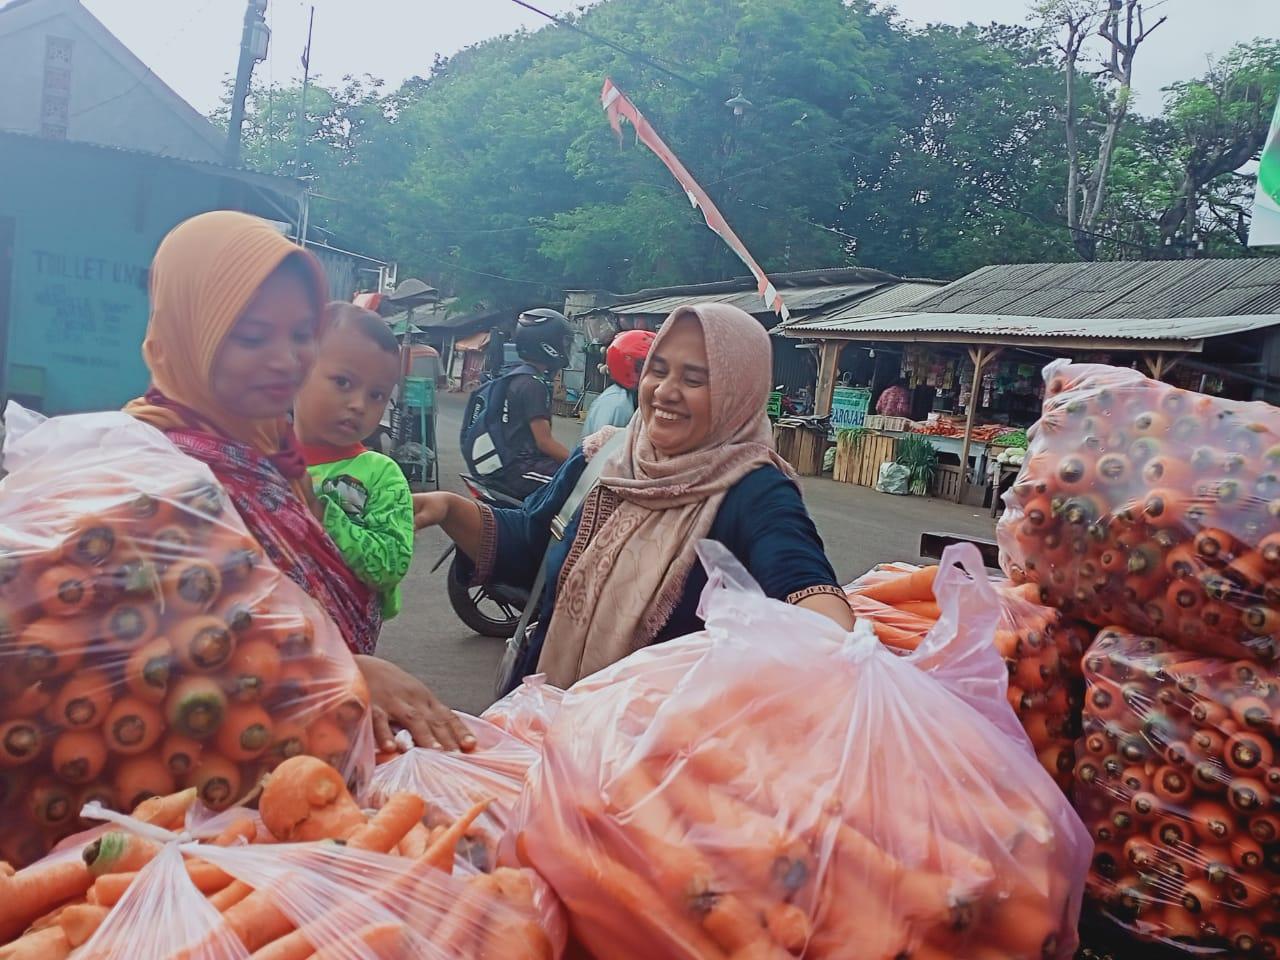 Harga Sayur Anjlok Hingga 100% di Pasar Lumajang